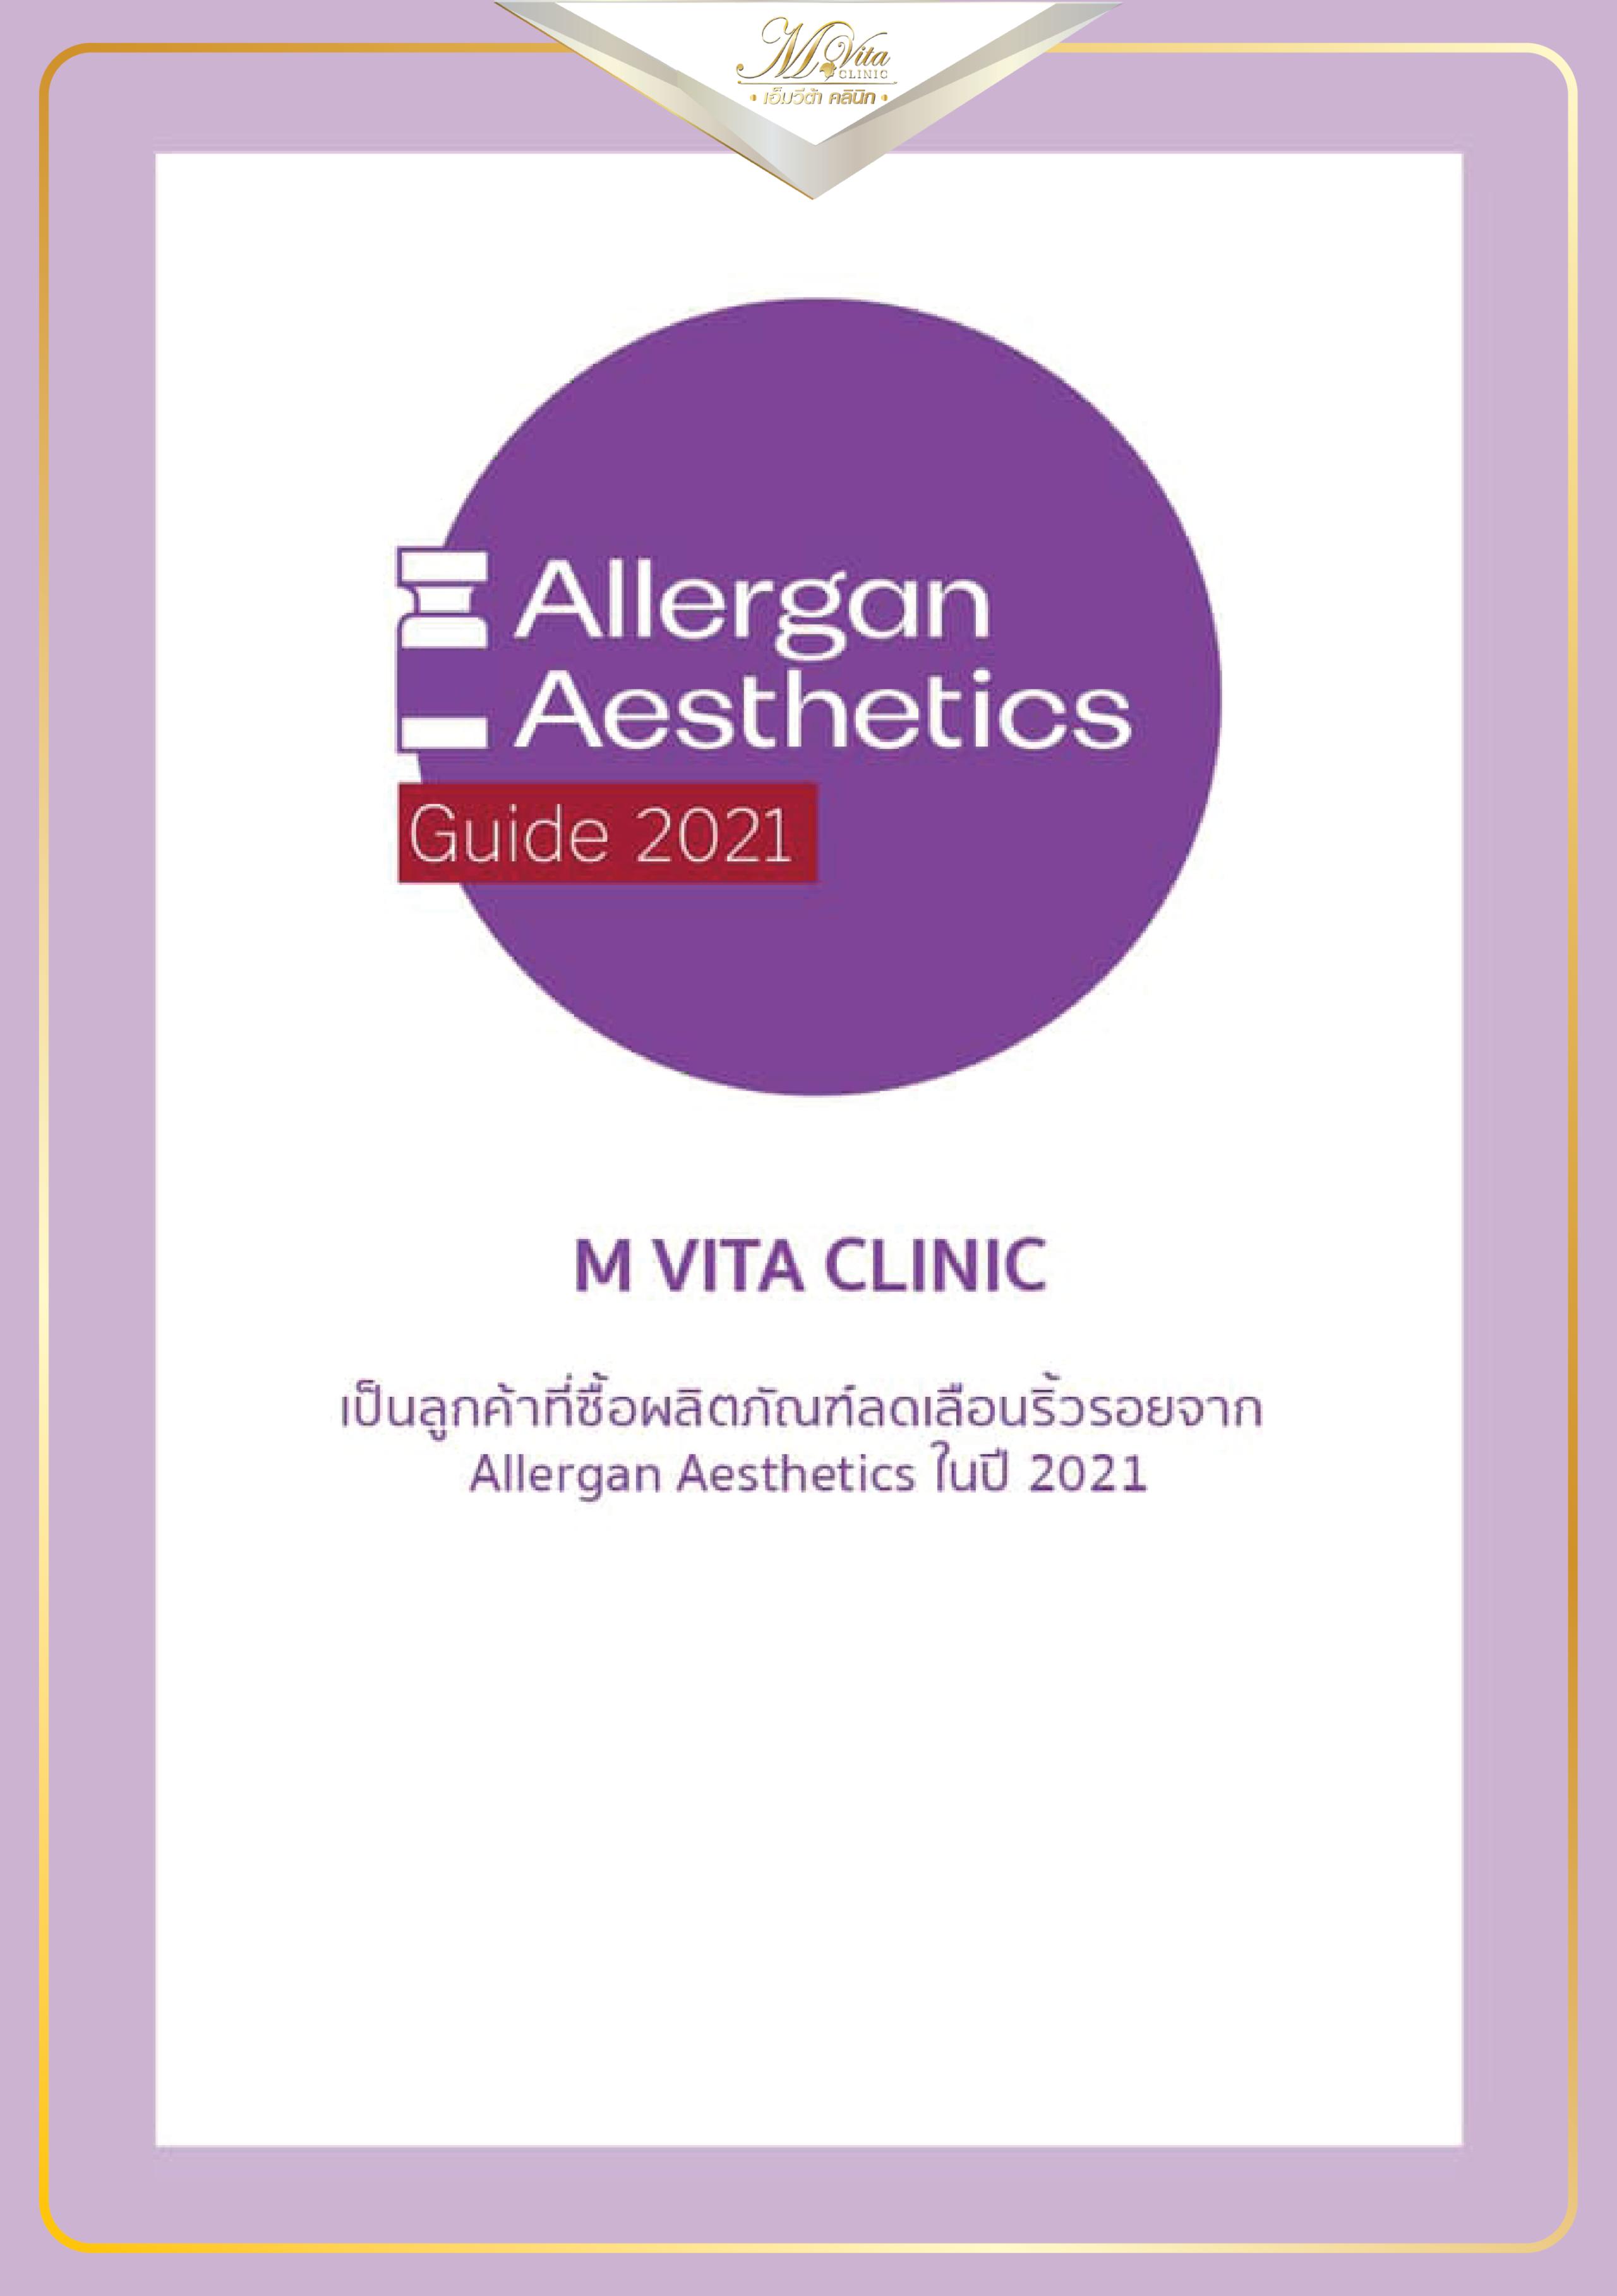 Allergan Guide 2021